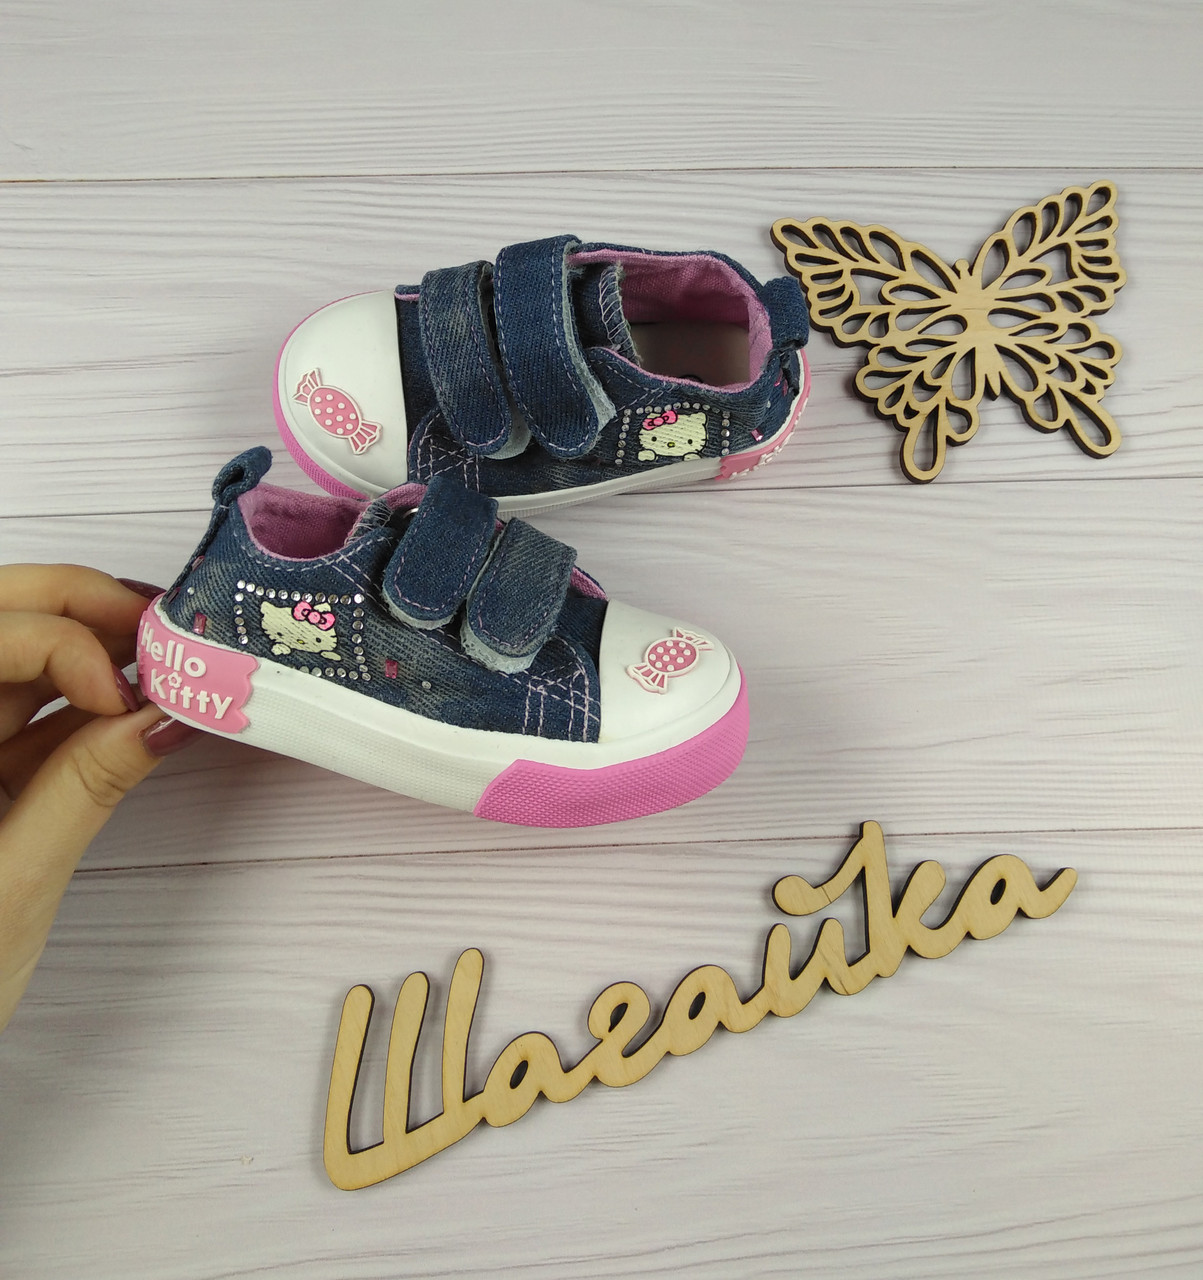 fbf01ec0 Кеды мокасины кроссовки на девочку 21-23 размер (12,8-13,6 см ...